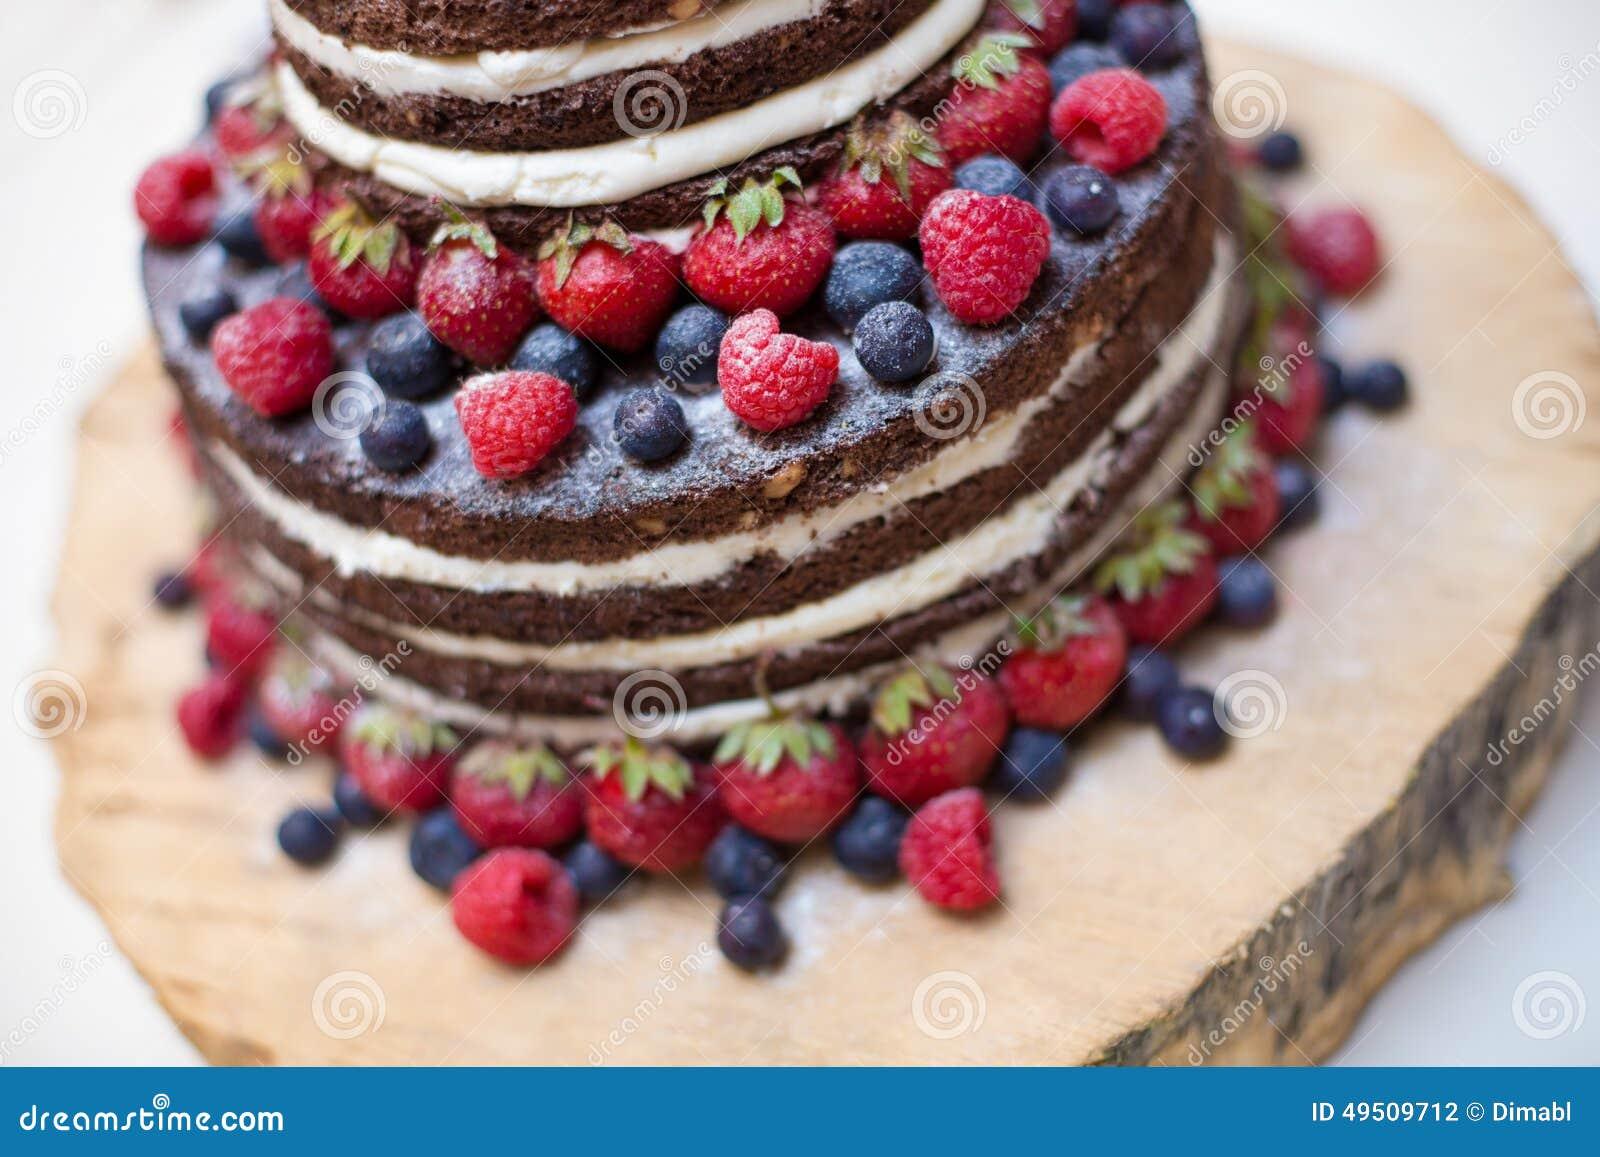 Susse Schone Kuchen Whitfruchte Auf Weiss Stockfoto Bild Von